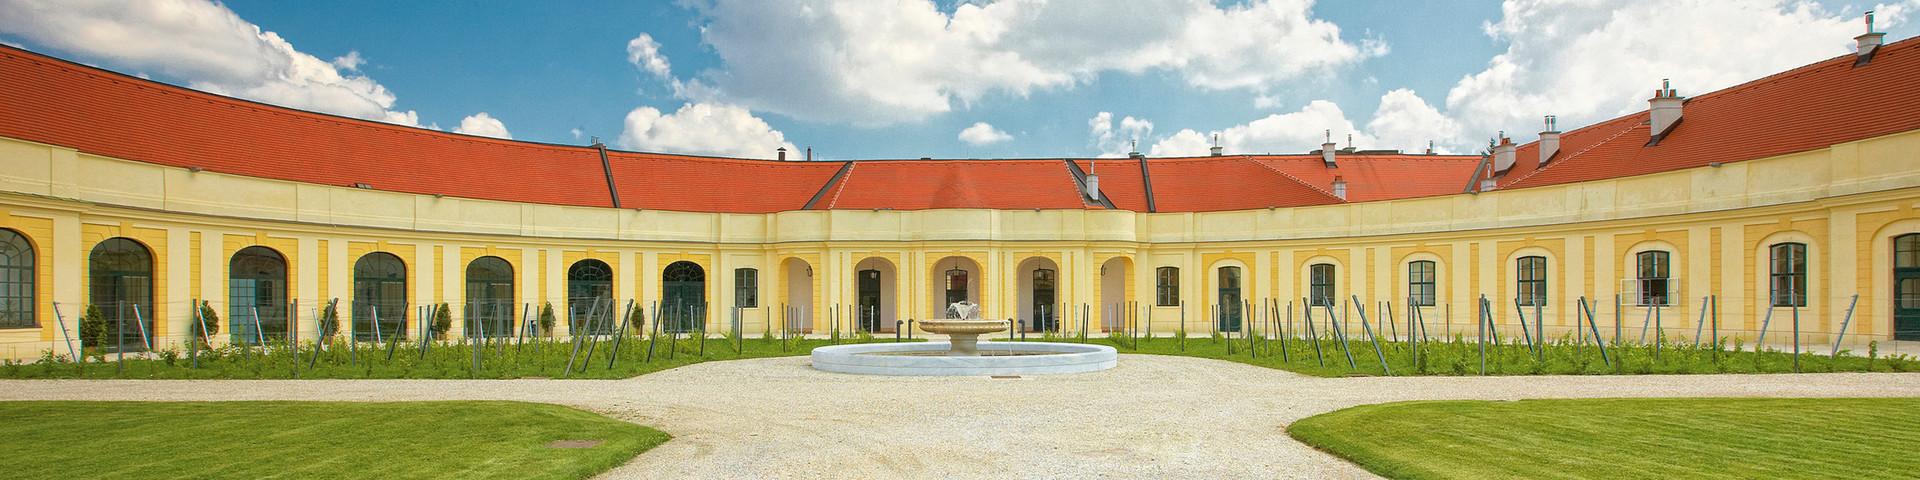 Schloß Schönbrunn Apothekertrakt - Aussenansicht © Schloß Schönbrunn Kultur- und BetriebsgesmbH